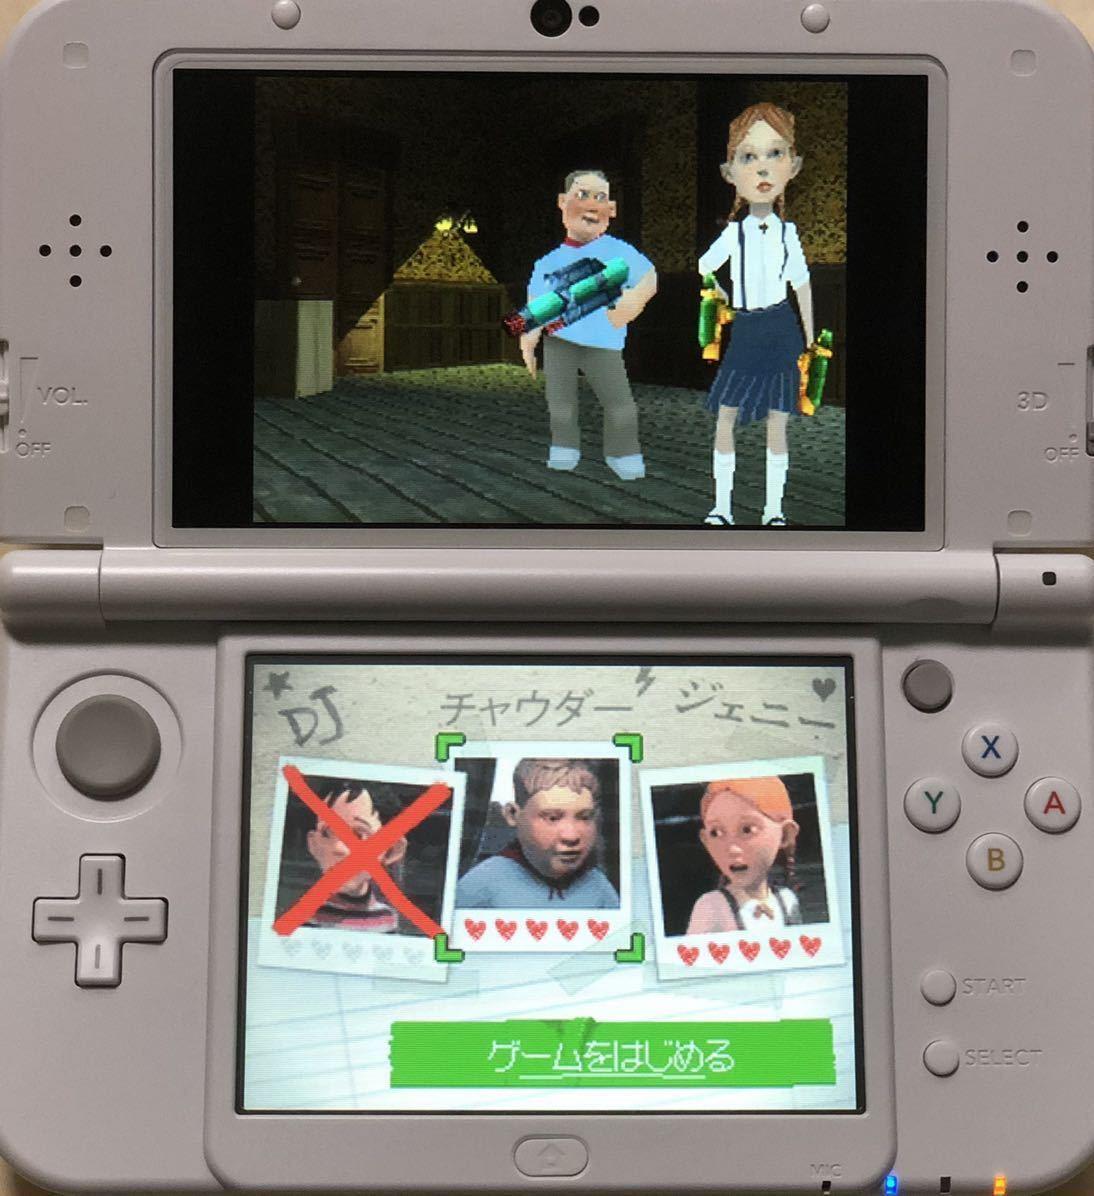 【動作確認画像有り】 DS モンスターハウス ニンテンドーDS Nintendo ゲームソフト カセット *ソフトのみ